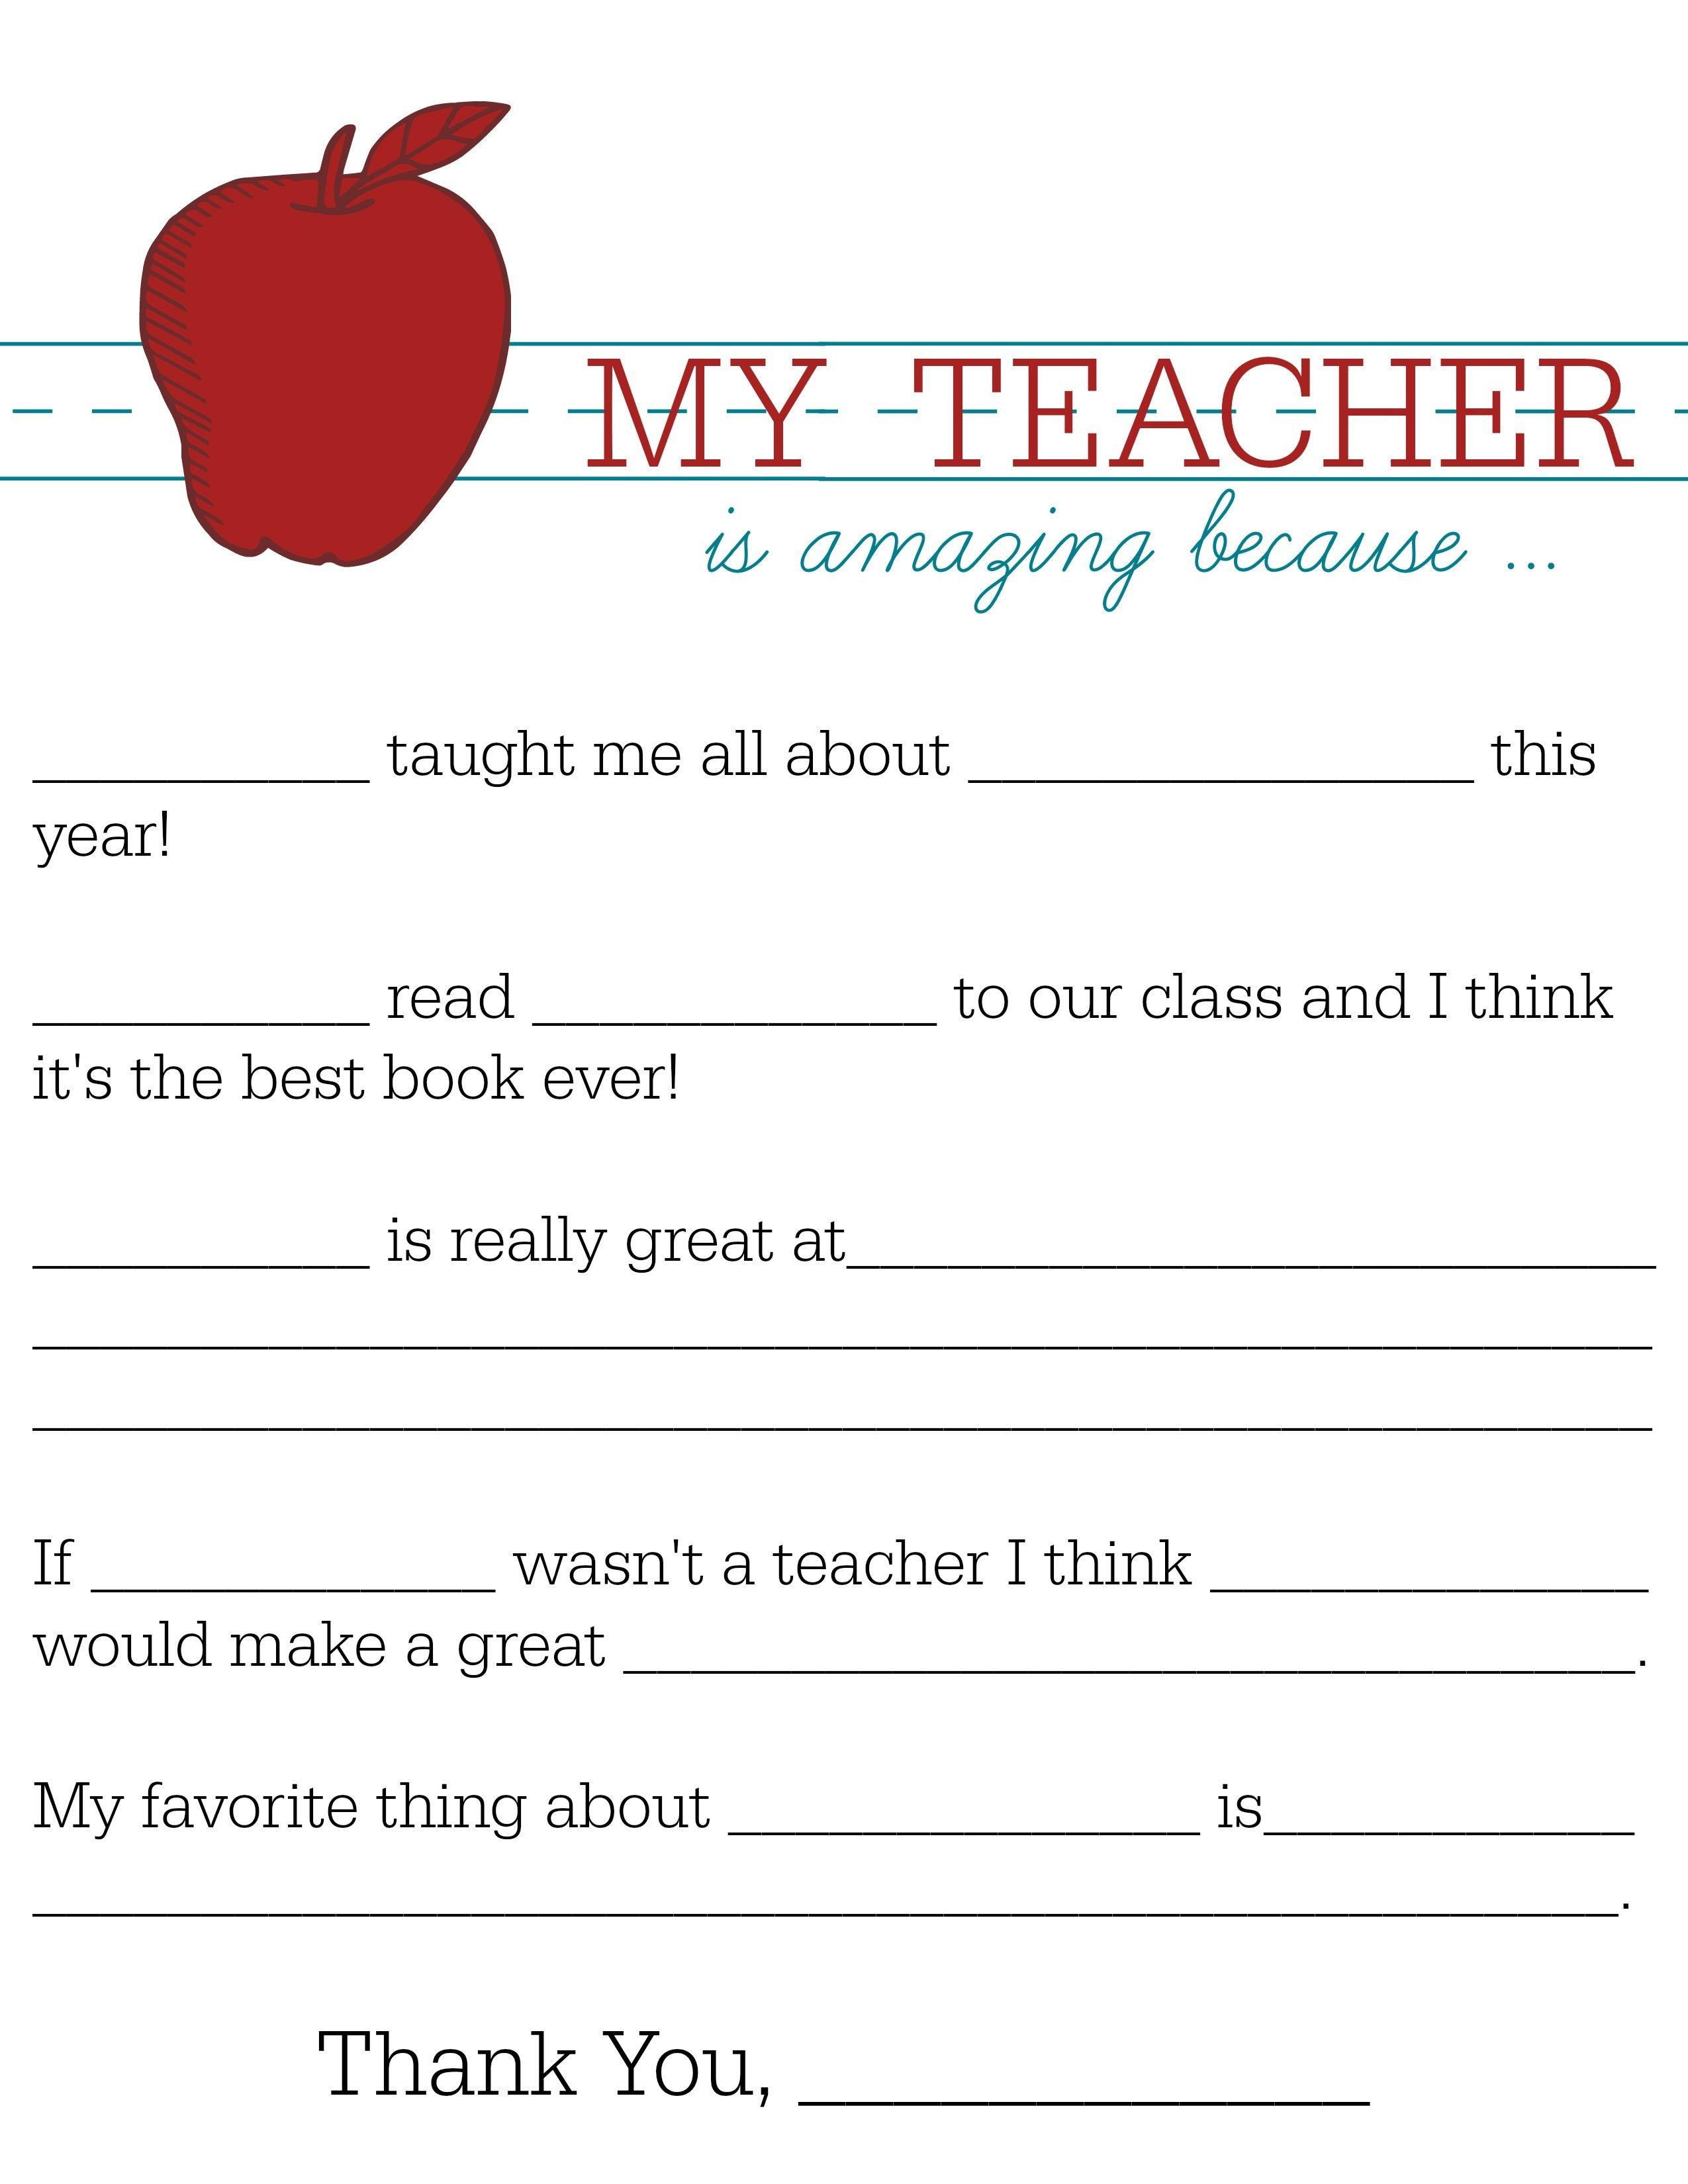 All About My Teacher | Parents: Raise A Reader Blog | Teacher - All About My Teacher Free Printable